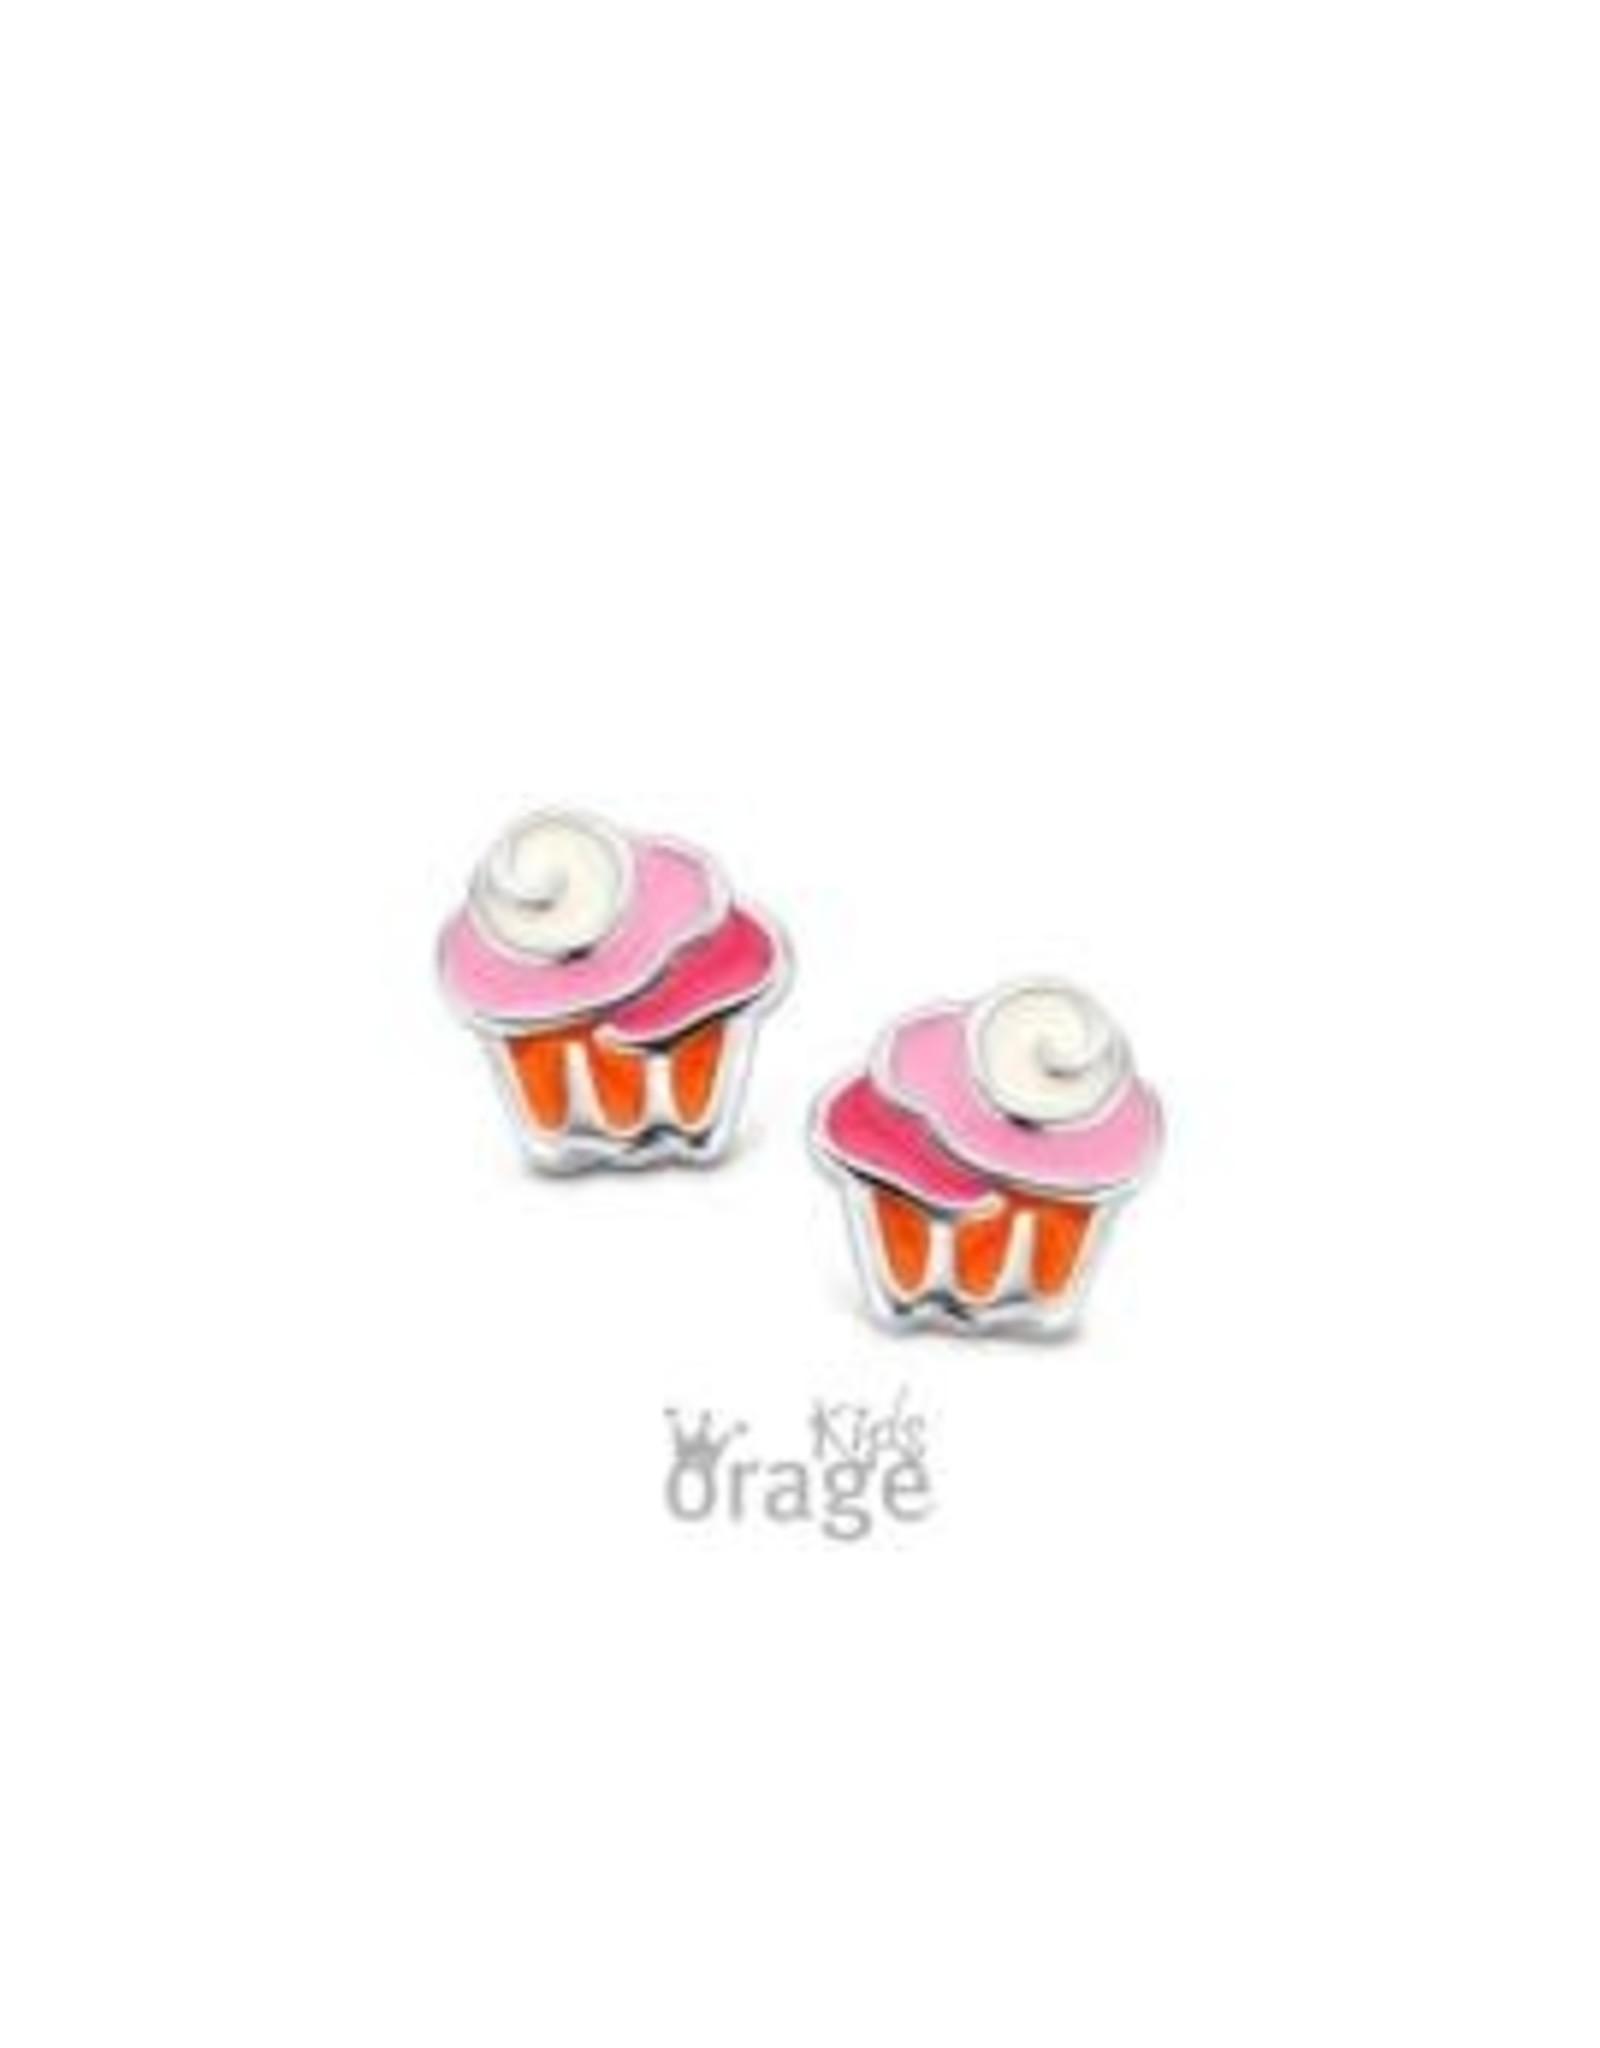 Orage Kids Oorbellen Orage Kids K1959 Cupcake Rood Roos Zilver